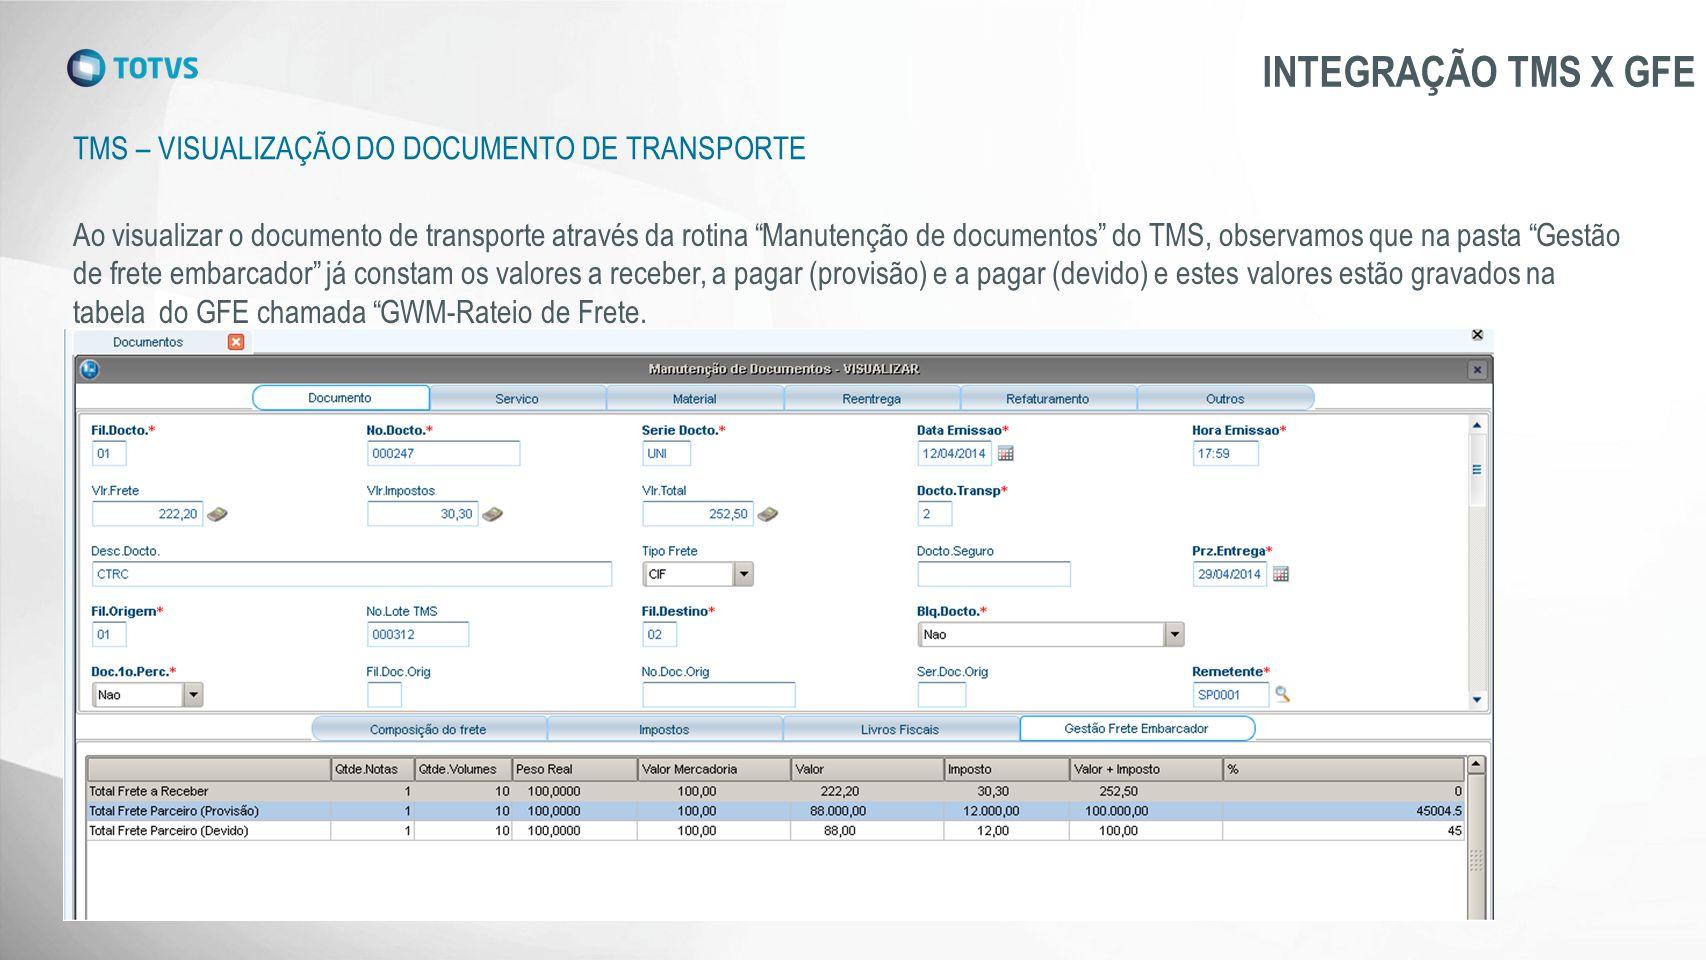 INTEGRAÇÃO TMS X GFE TMS – Visualização do documento de transporte